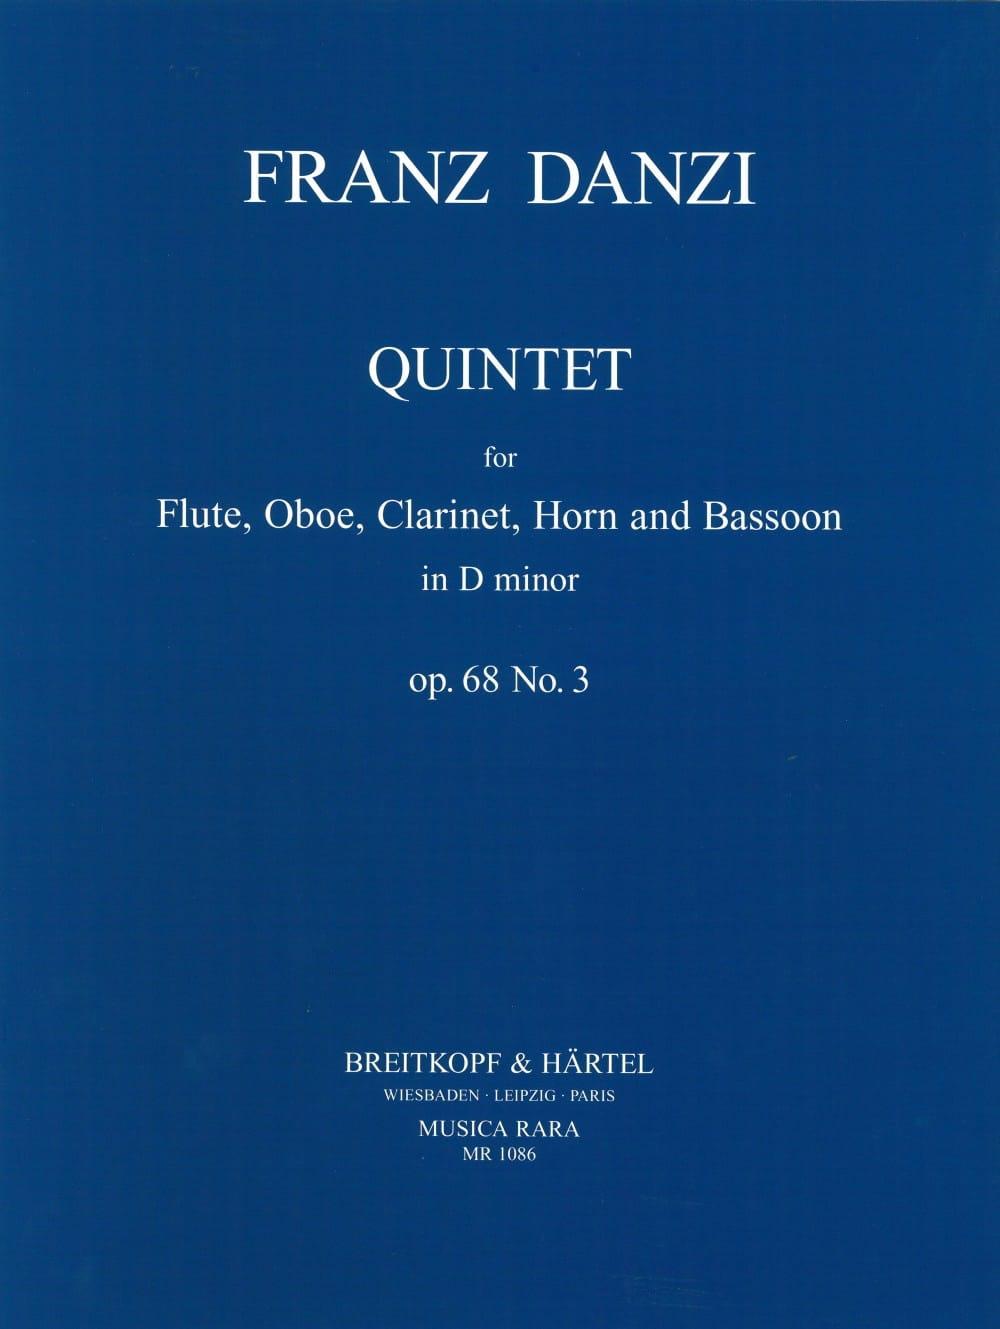 Quintet D minor op. 68 n° 3 -Parts - Franz Danzi - laflutedepan.com